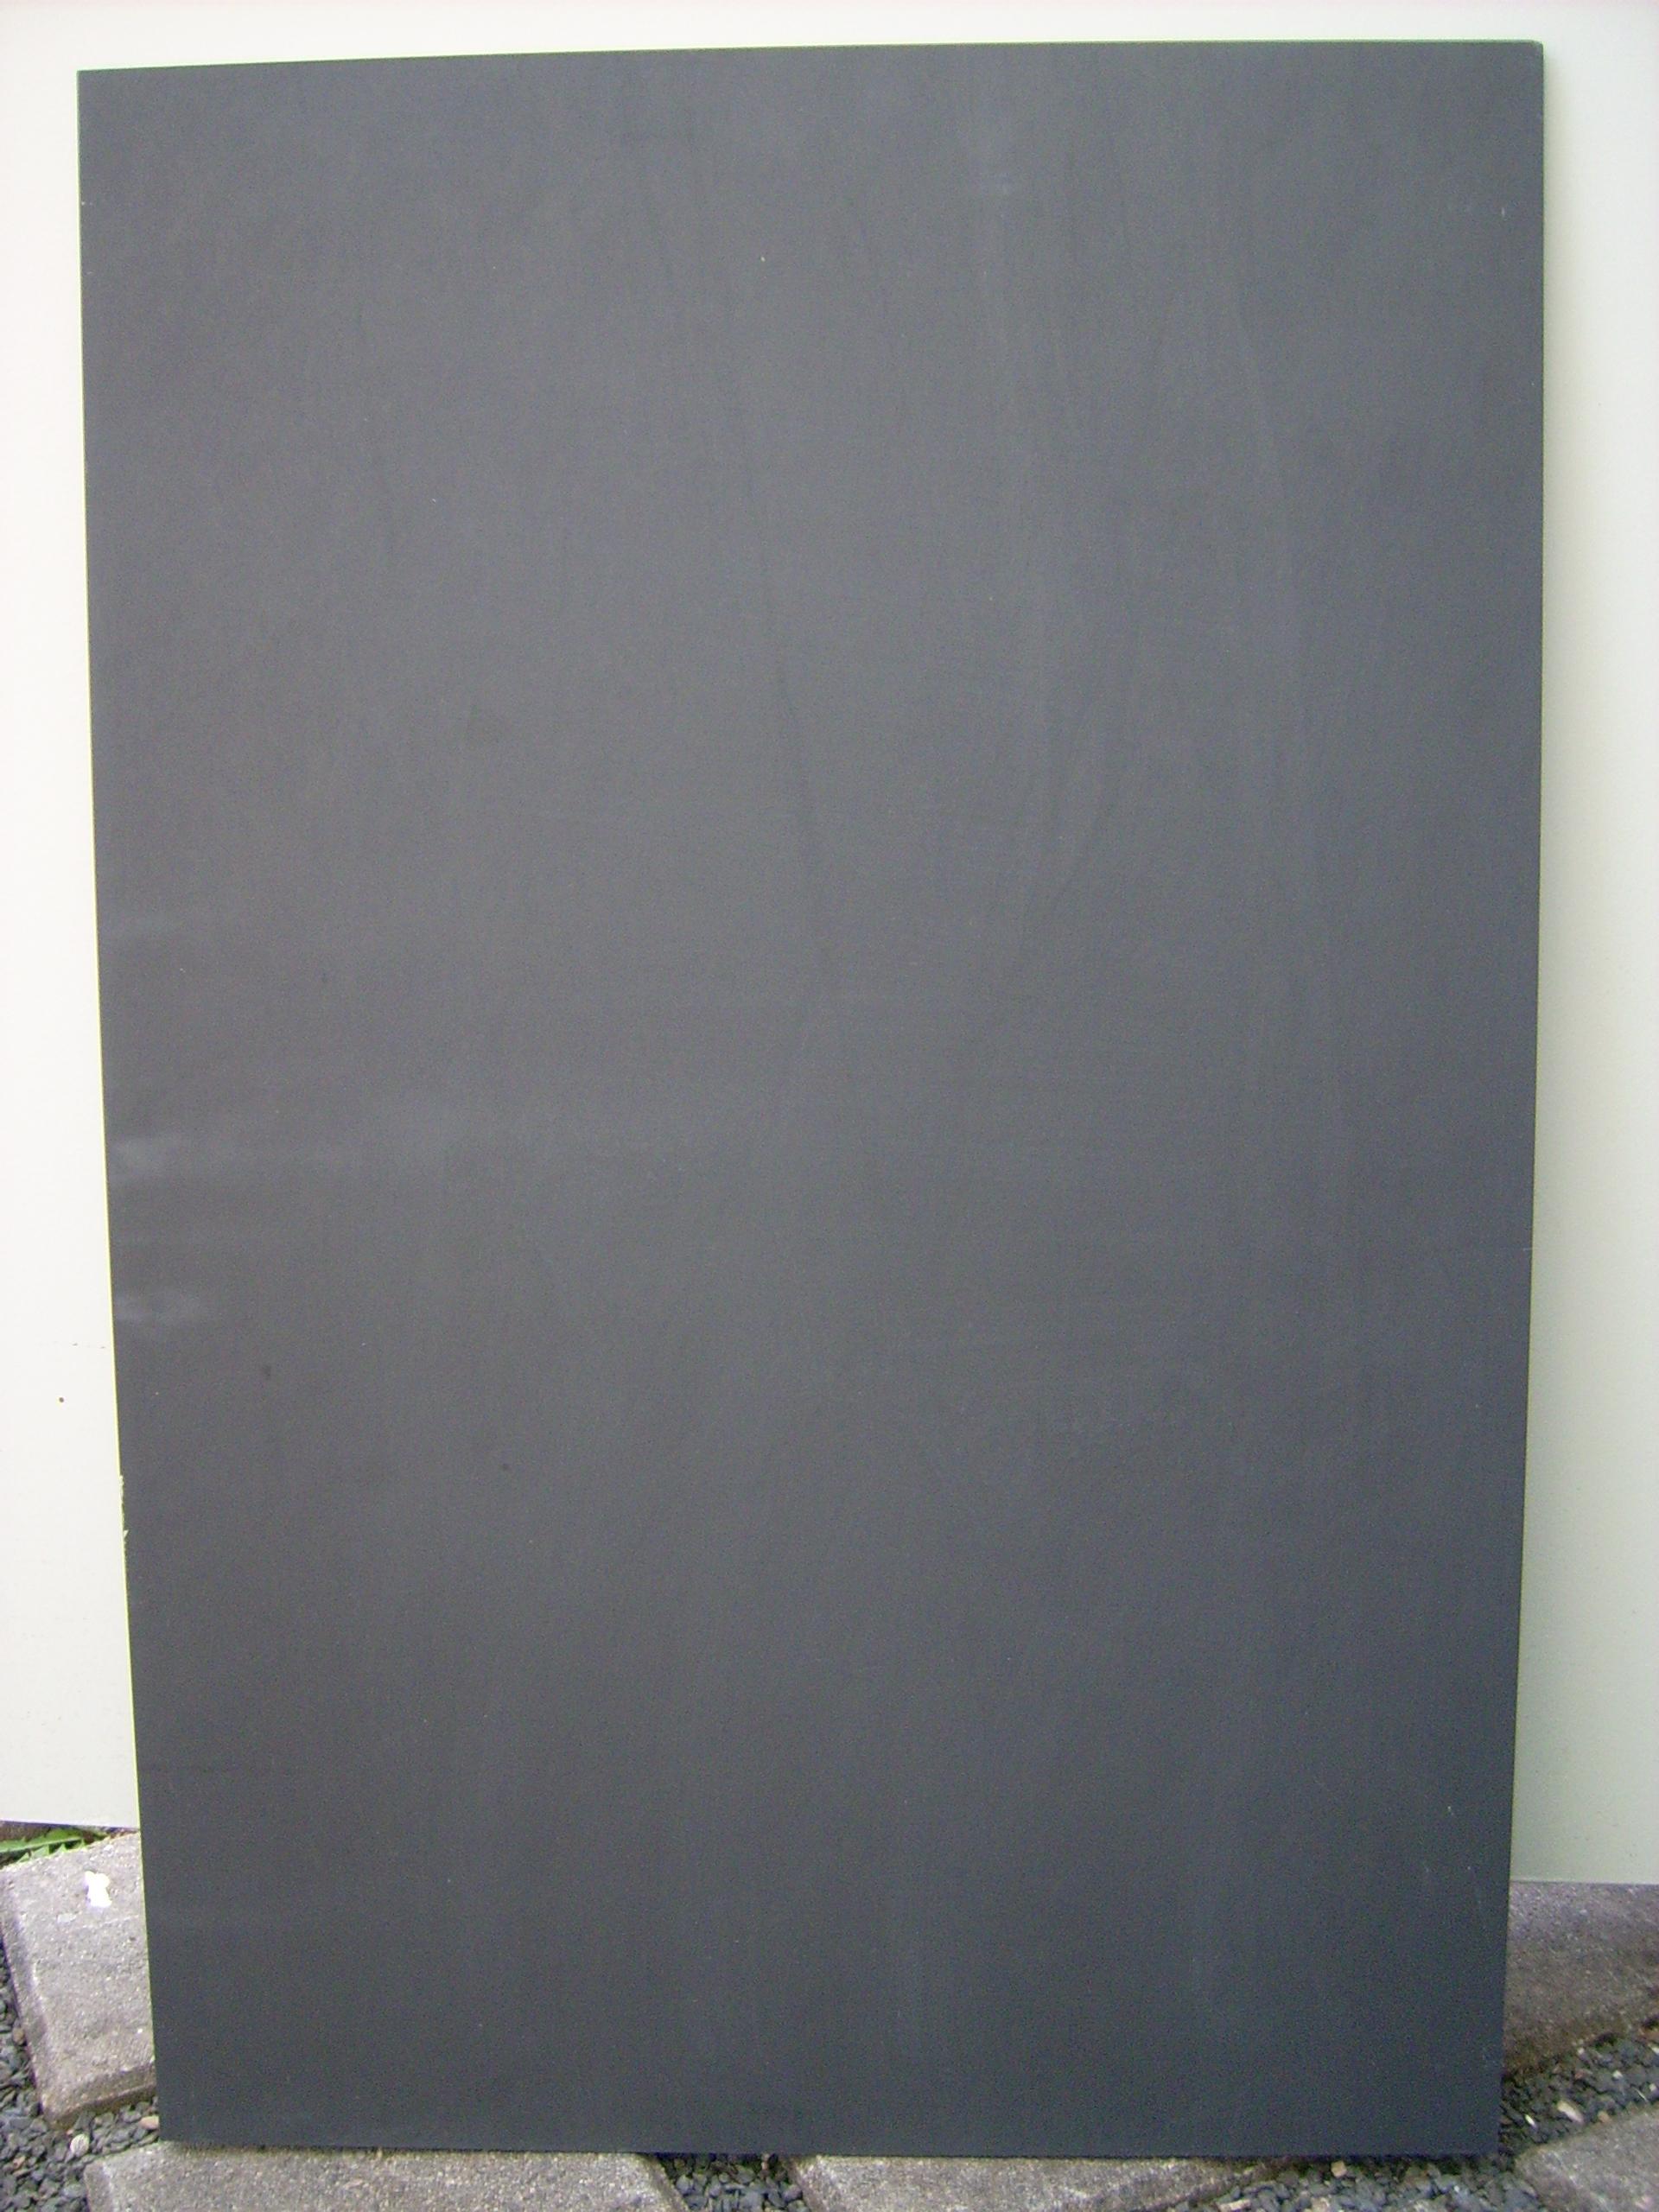 schieferplatte 50x70 www schiefertafel. Black Bedroom Furniture Sets. Home Design Ideas